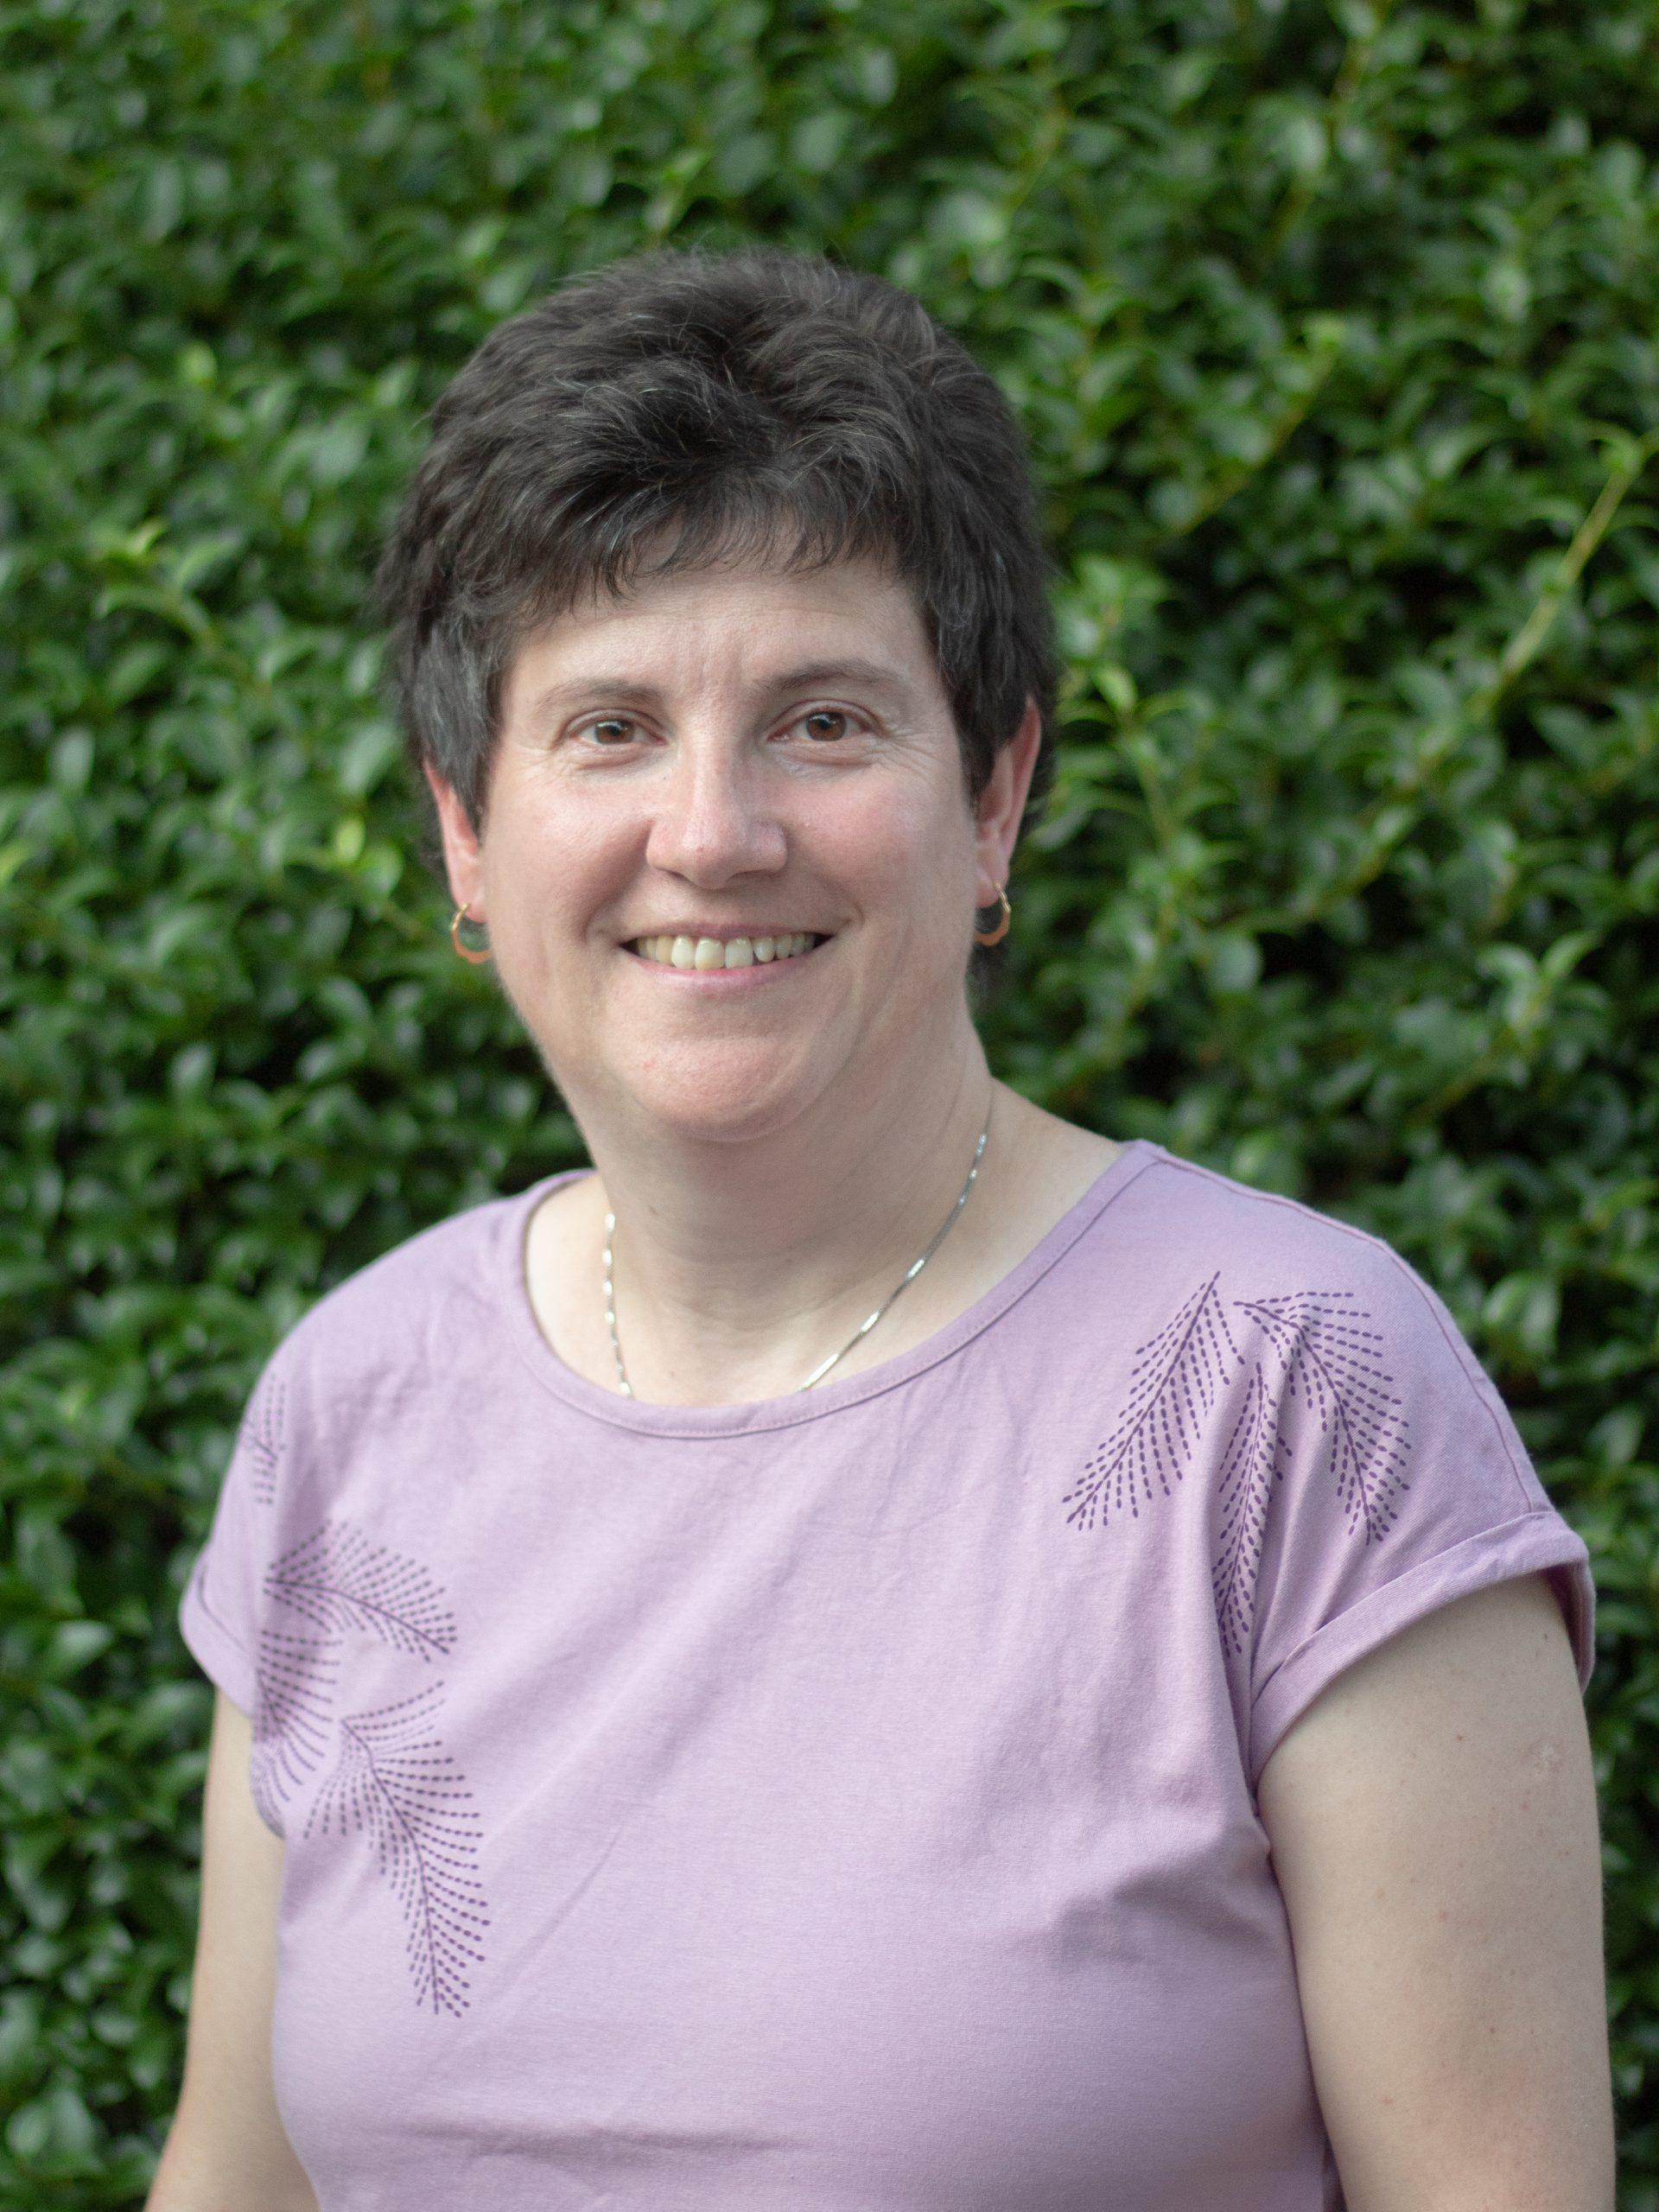 Jeanette Riedi